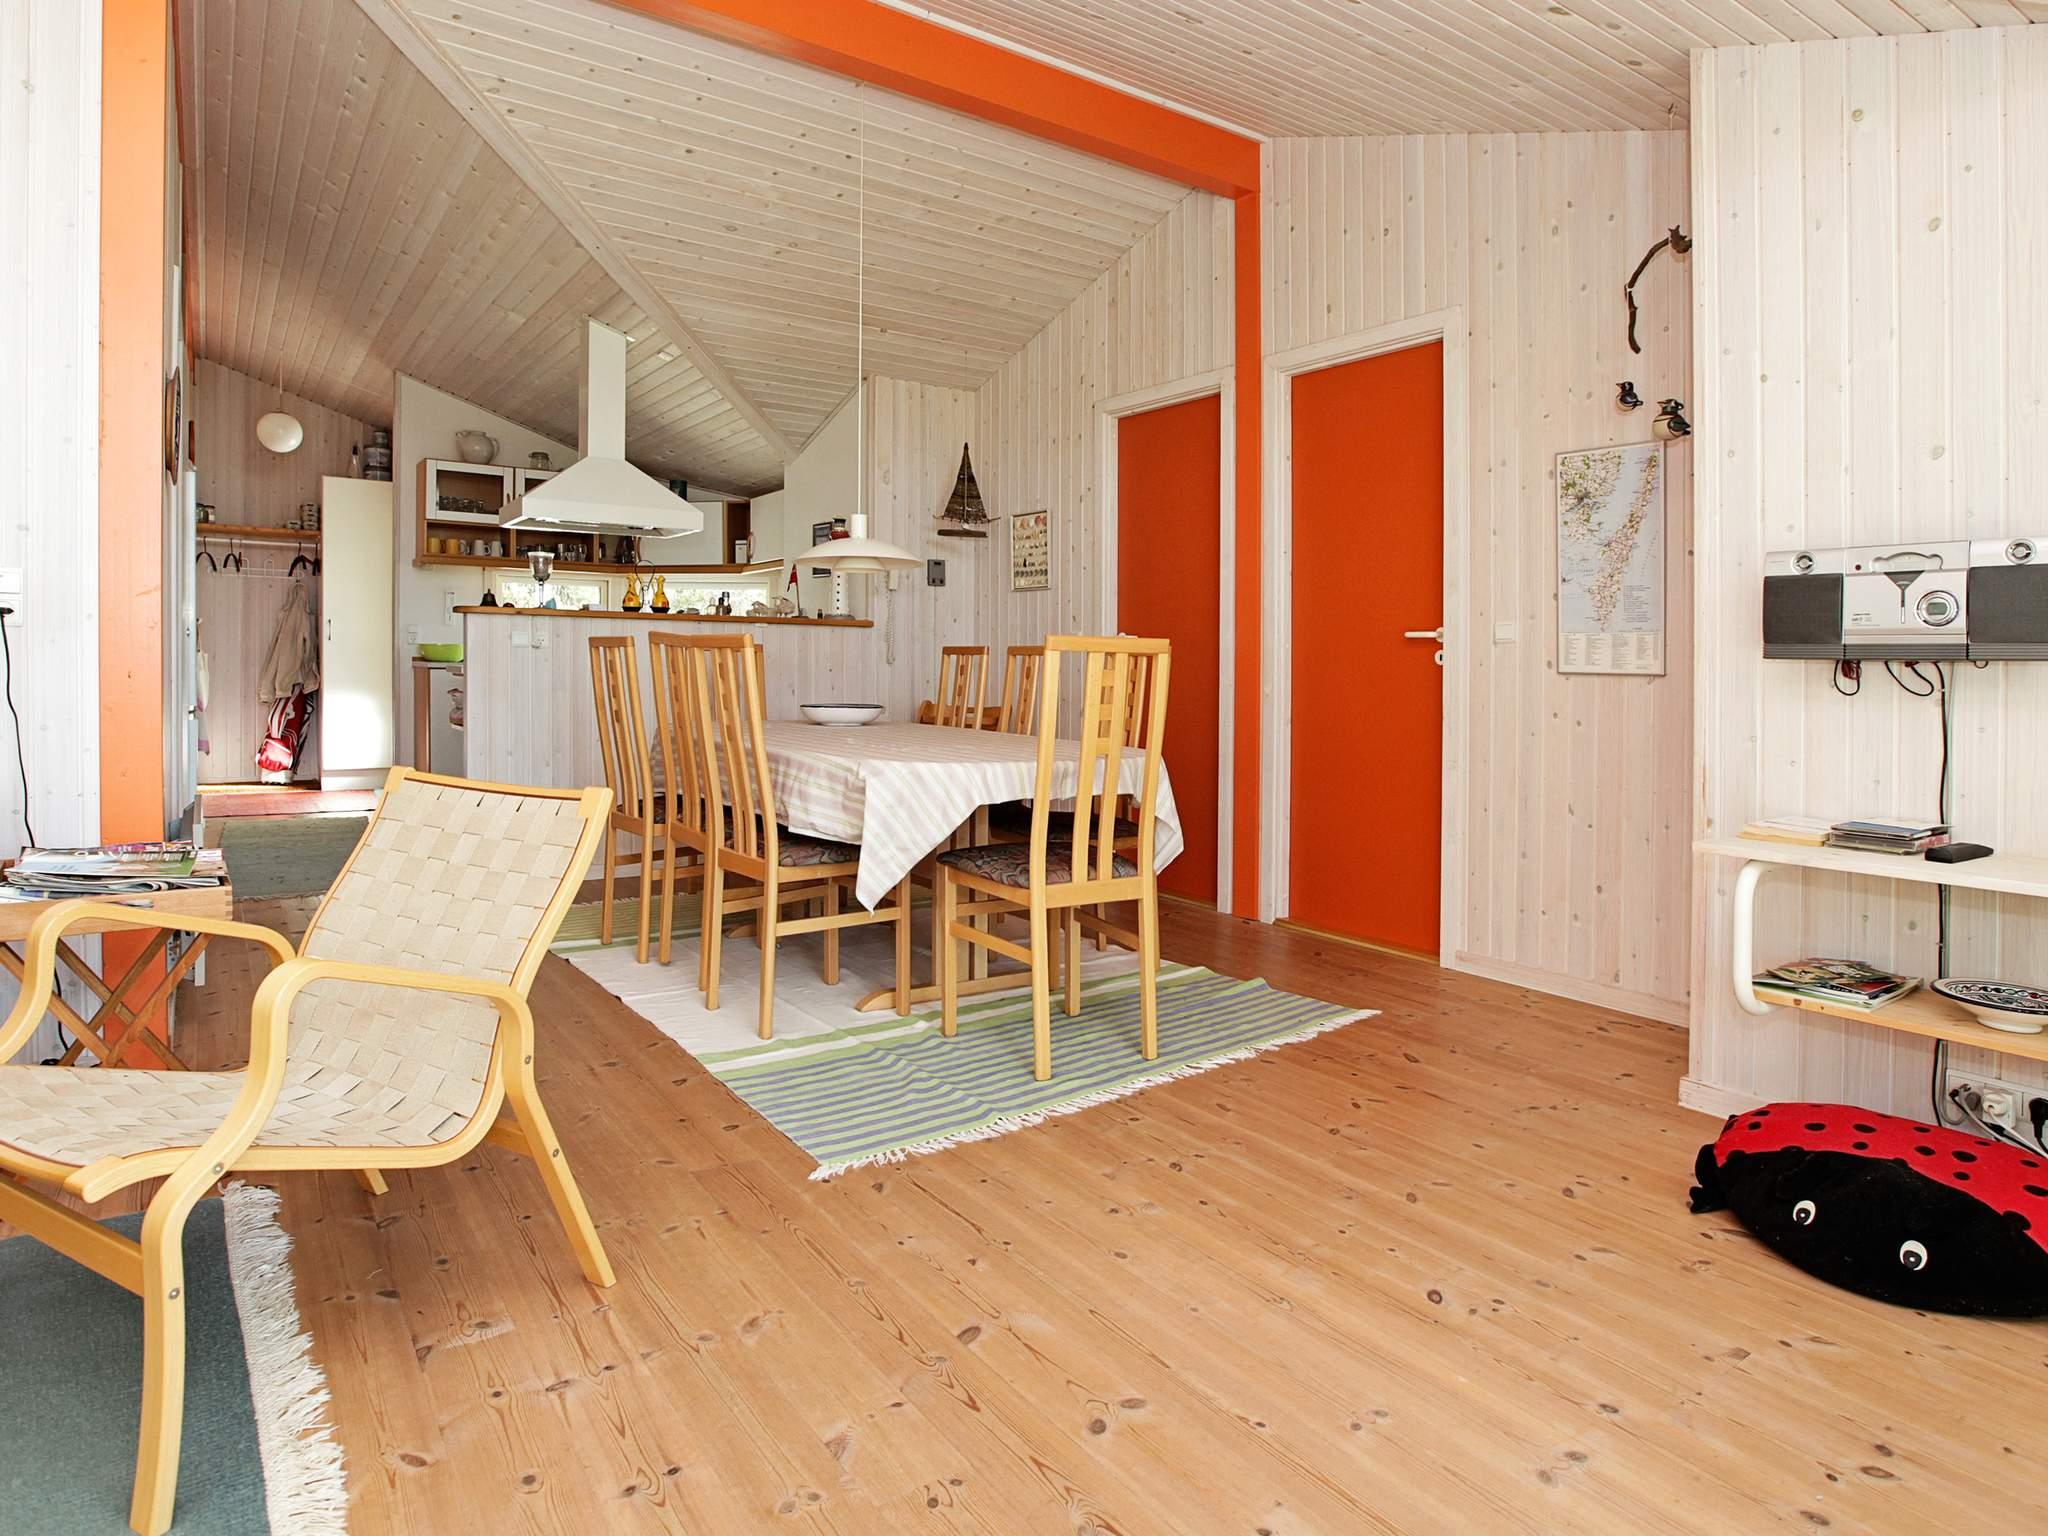 Ferienhaus Stoense (160162), Stoense, , Langeland, Dänemark, Bild 3